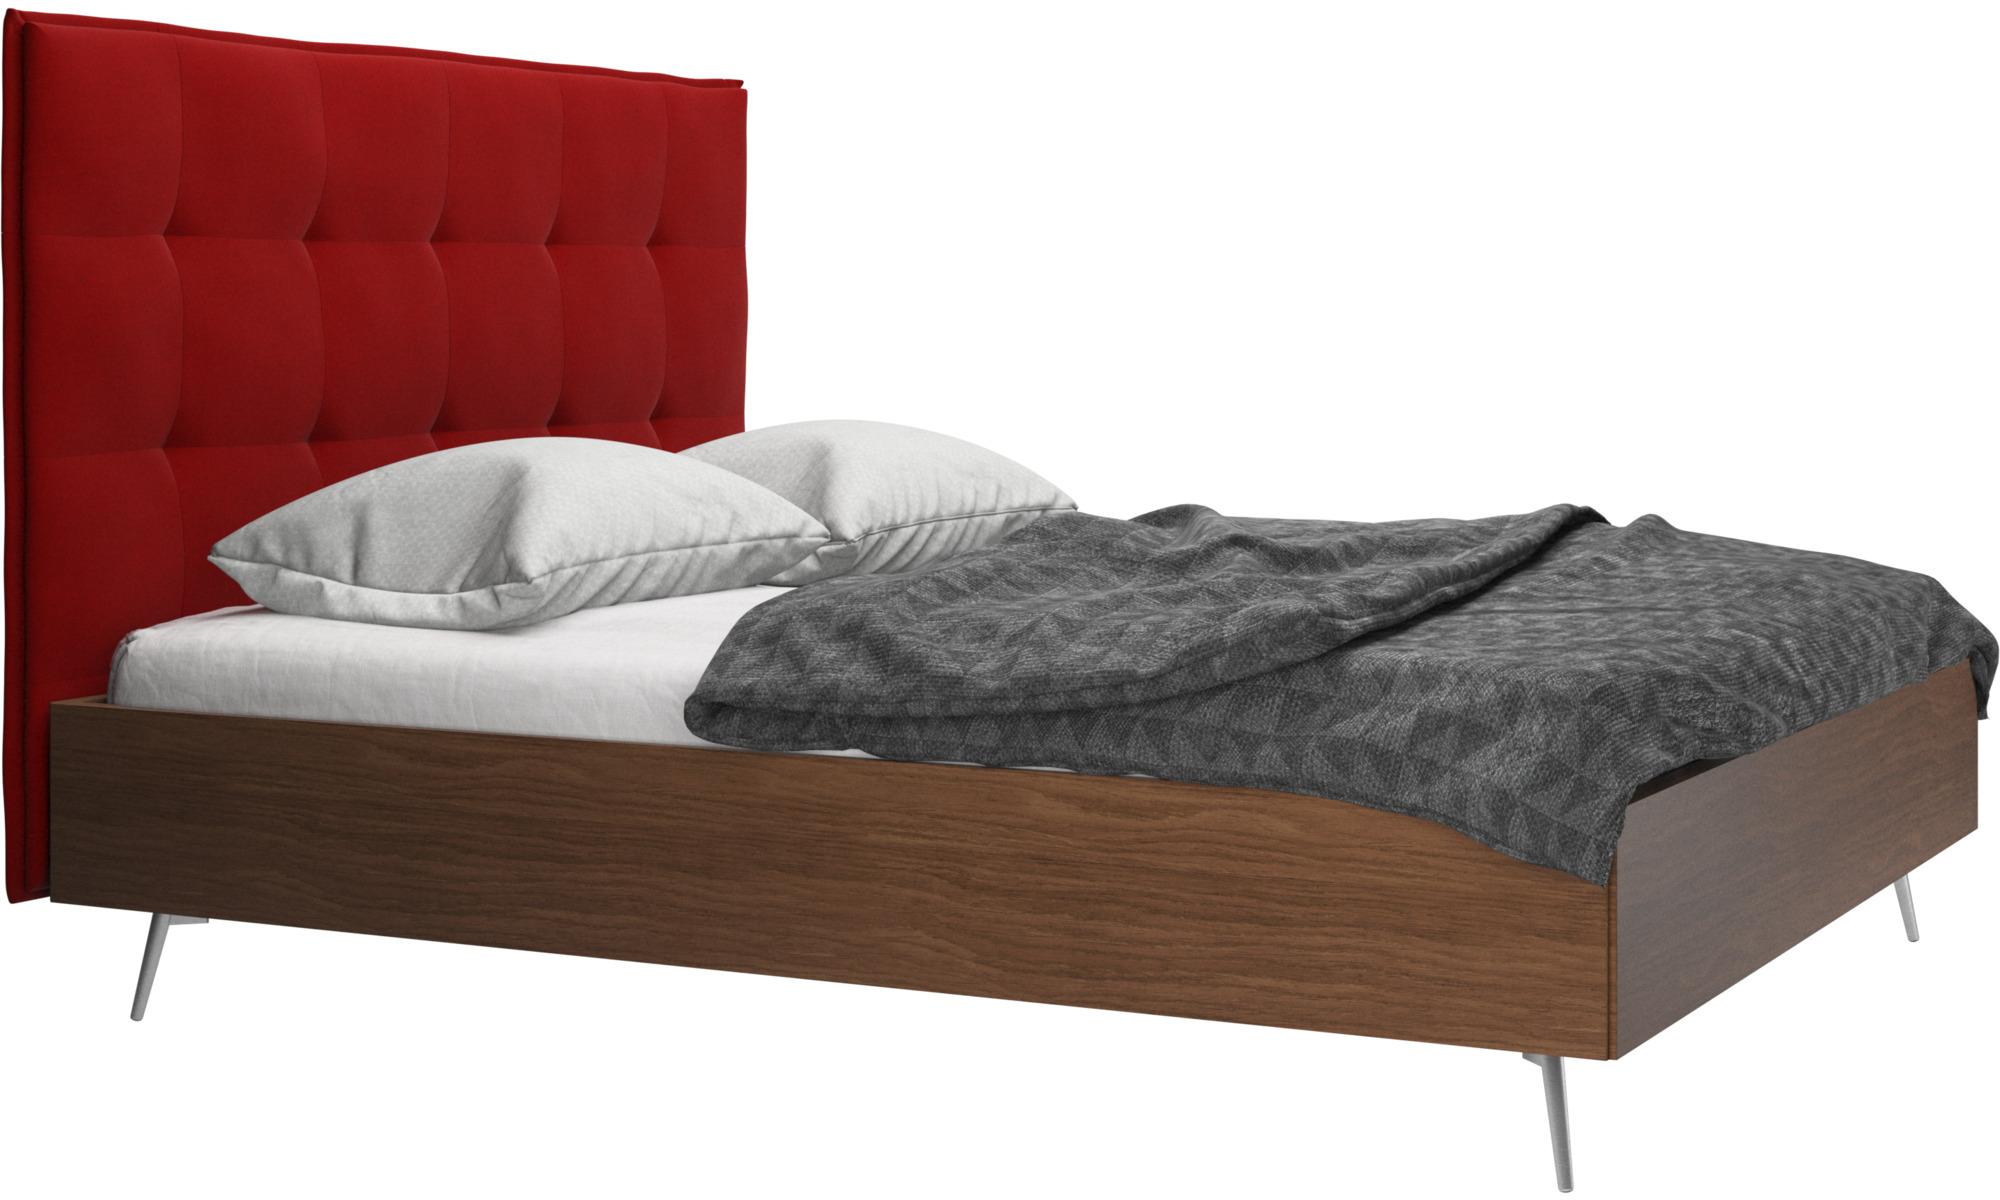 Camas - Cama Lugano, no incluye colchón - Rojo - Tela